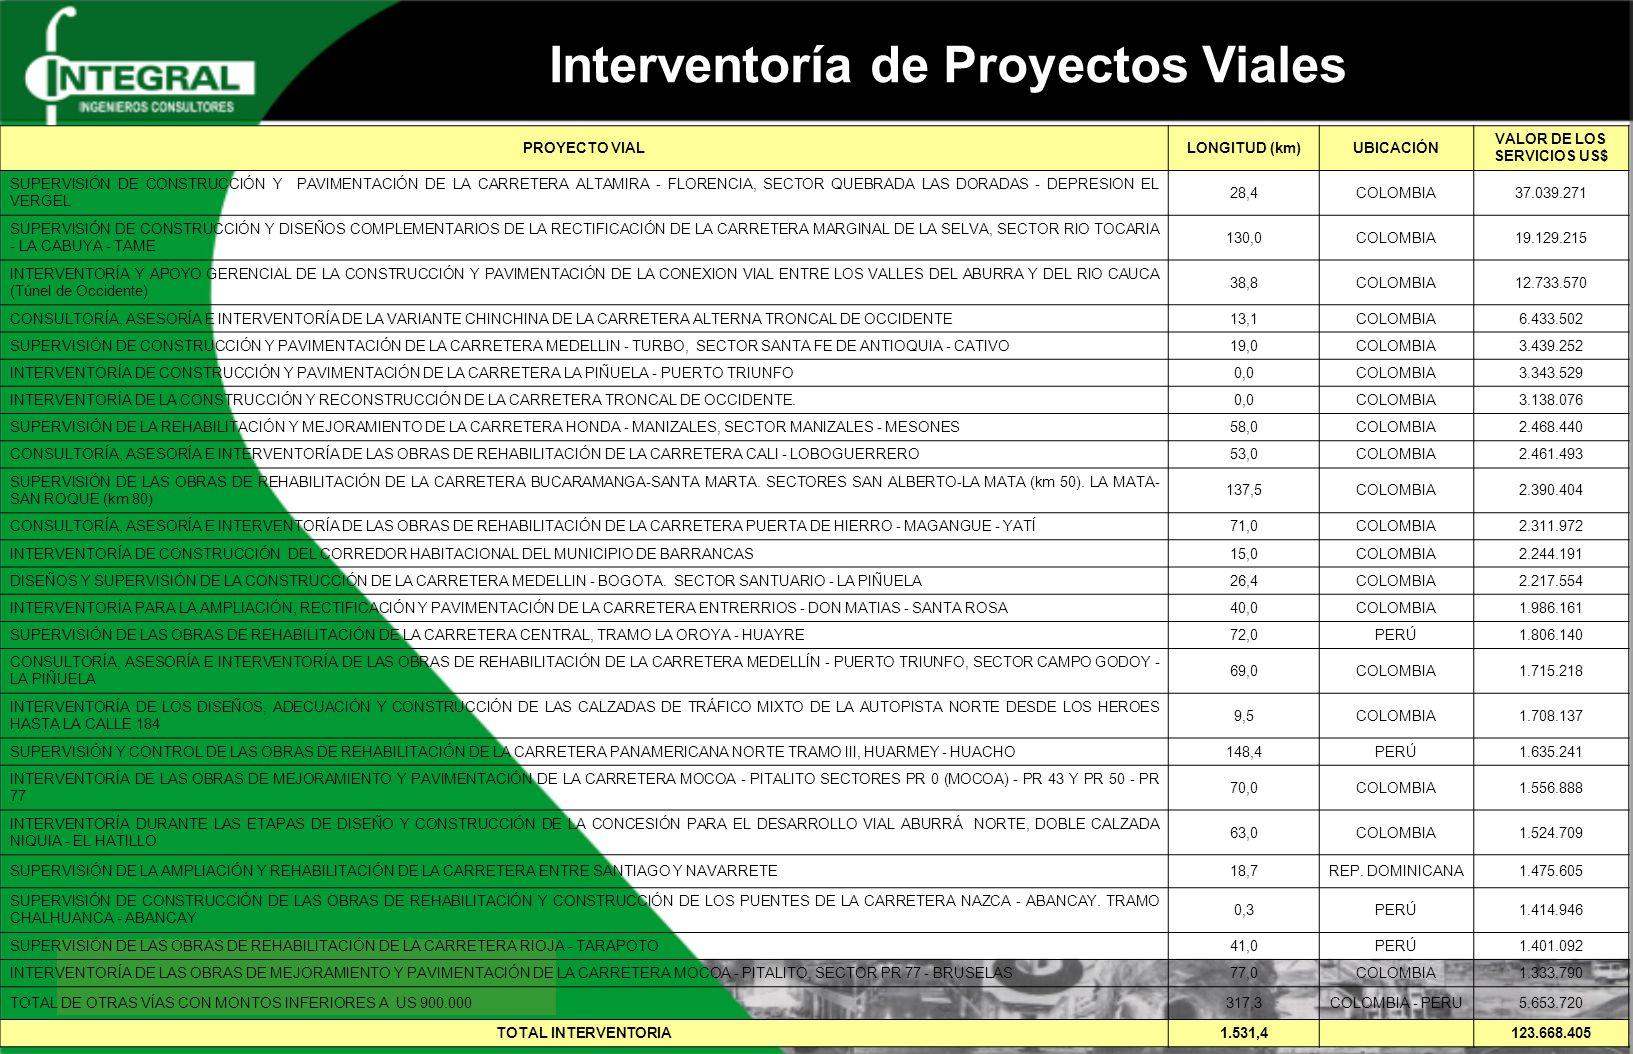 Interventoría de Proyectos Viales PROYECTO VIALLONGITUD (km)UBICACIÓN VALOR DE LOS SERVICIOS US$ SUPERVISIÓN DE CONSTRUCCIÓN Y PAVIMENTACIÓN DE LA CARRETERA ALTAMIRA - FLORENCIA, SECTOR QUEBRADA LAS DORADAS - DEPRESION EL VERGEL 28,4COLOMBIA37.039.271 SUPERVISIÓN DE CONSTRUCCIÓN Y DISEÑOS COMPLEMENTARIOS DE LA RECTIFICACIÓN DE LA CARRETERA MARGINAL DE LA SELVA, SECTOR RIO TOCARIA - LA CABUYA - TAME 130,0COLOMBIA19.129.215 INTERVENTORÍA Y APOYO GERENCIAL DE LA CONSTRUCCIÓN Y PAVIMENTACIÓN DE LA CONEXION VIAL ENTRE LOS VALLES DEL ABURRA Y DEL RIO CAUCA (Túnel de Occidente) 38,8COLOMBIA12.733.570 CONSULTORÍA, ASESORÍA E INTERVENTORÍA DE LA VARIANTE CHINCHINA DE LA CARRETERA ALTERNA TRONCAL DE OCCIDENTE13,1COLOMBIA6.433.502 SUPERVISIÓN DE CONSTRUCCIÓN Y PAVIMENTACIÓN DE LA CARRETERA MEDELLIN - TURBO, SECTOR SANTA FE DE ANTIOQUIA - CATIVO19,0COLOMBIA3.439.252 INTERVENTORÍA DE CONSTRUCCIÓN Y PAVIMENTACIÓN DE LA CARRETERA LA PIÑUELA - PUERTO TRIUNFO0,0COLOMBIA3.343.529 INTERVENTORÍA DE LA CONSTRUCCIÓN Y RECONSTRUCCIÓN DE LA CARRETERA TRONCAL DE OCCIDENTE.0,0COLOMBIA3.138.076 SUPERVISIÓN DE LA REHABILITACIÓN Y MEJORAMIENTO DE LA CARRETERA HONDA - MANIZALES, SECTOR MANIZALES - MESONES58,0COLOMBIA2.468.440 CONSULTORÍA, ASESORÍA E INTERVENTORÍA DE LAS OBRAS DE REHABILITACIÓN DE LA CARRETERA CALI - LOBOGUERRERO53,0COLOMBIA2.461.493 SUPERVISIÓN DE LAS OBRAS DE REHABILITACIÓN DE LA CARRETERA BUCARAMANGA-SANTA MARTA.